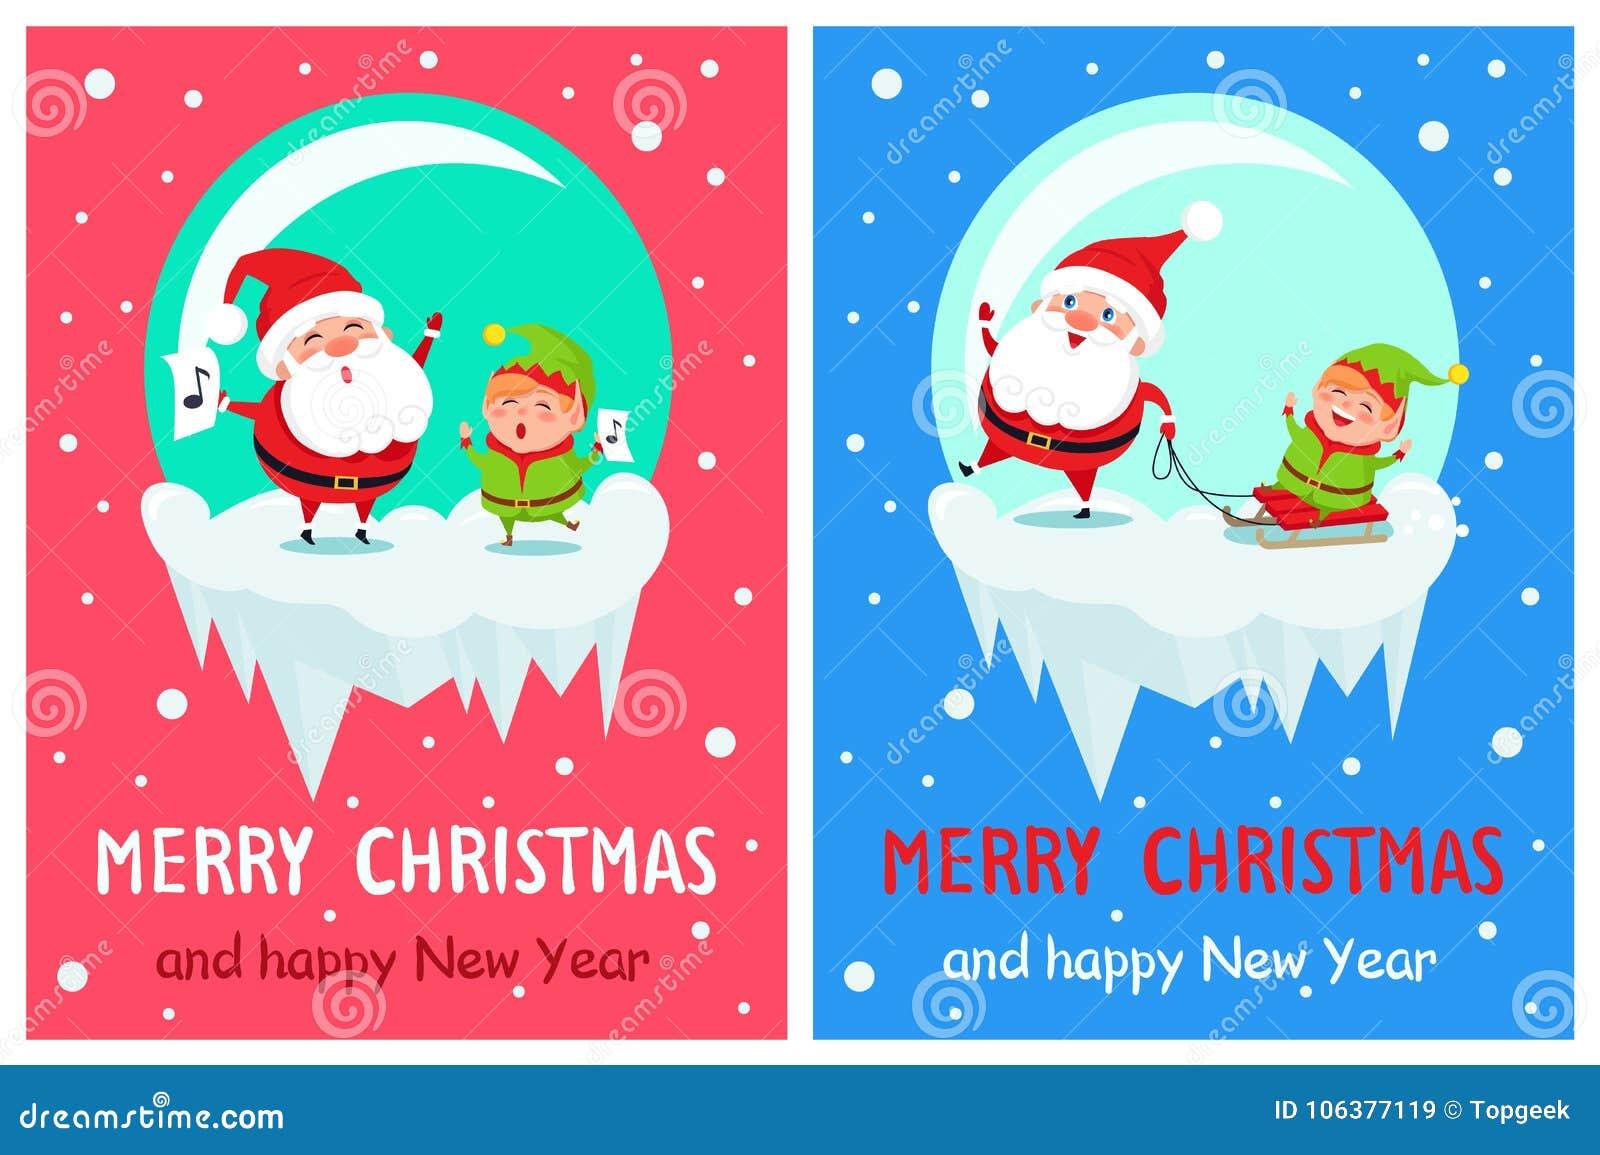 Frohe Weihnachten, Die Santa Vector Illustration Singen Vektor ...